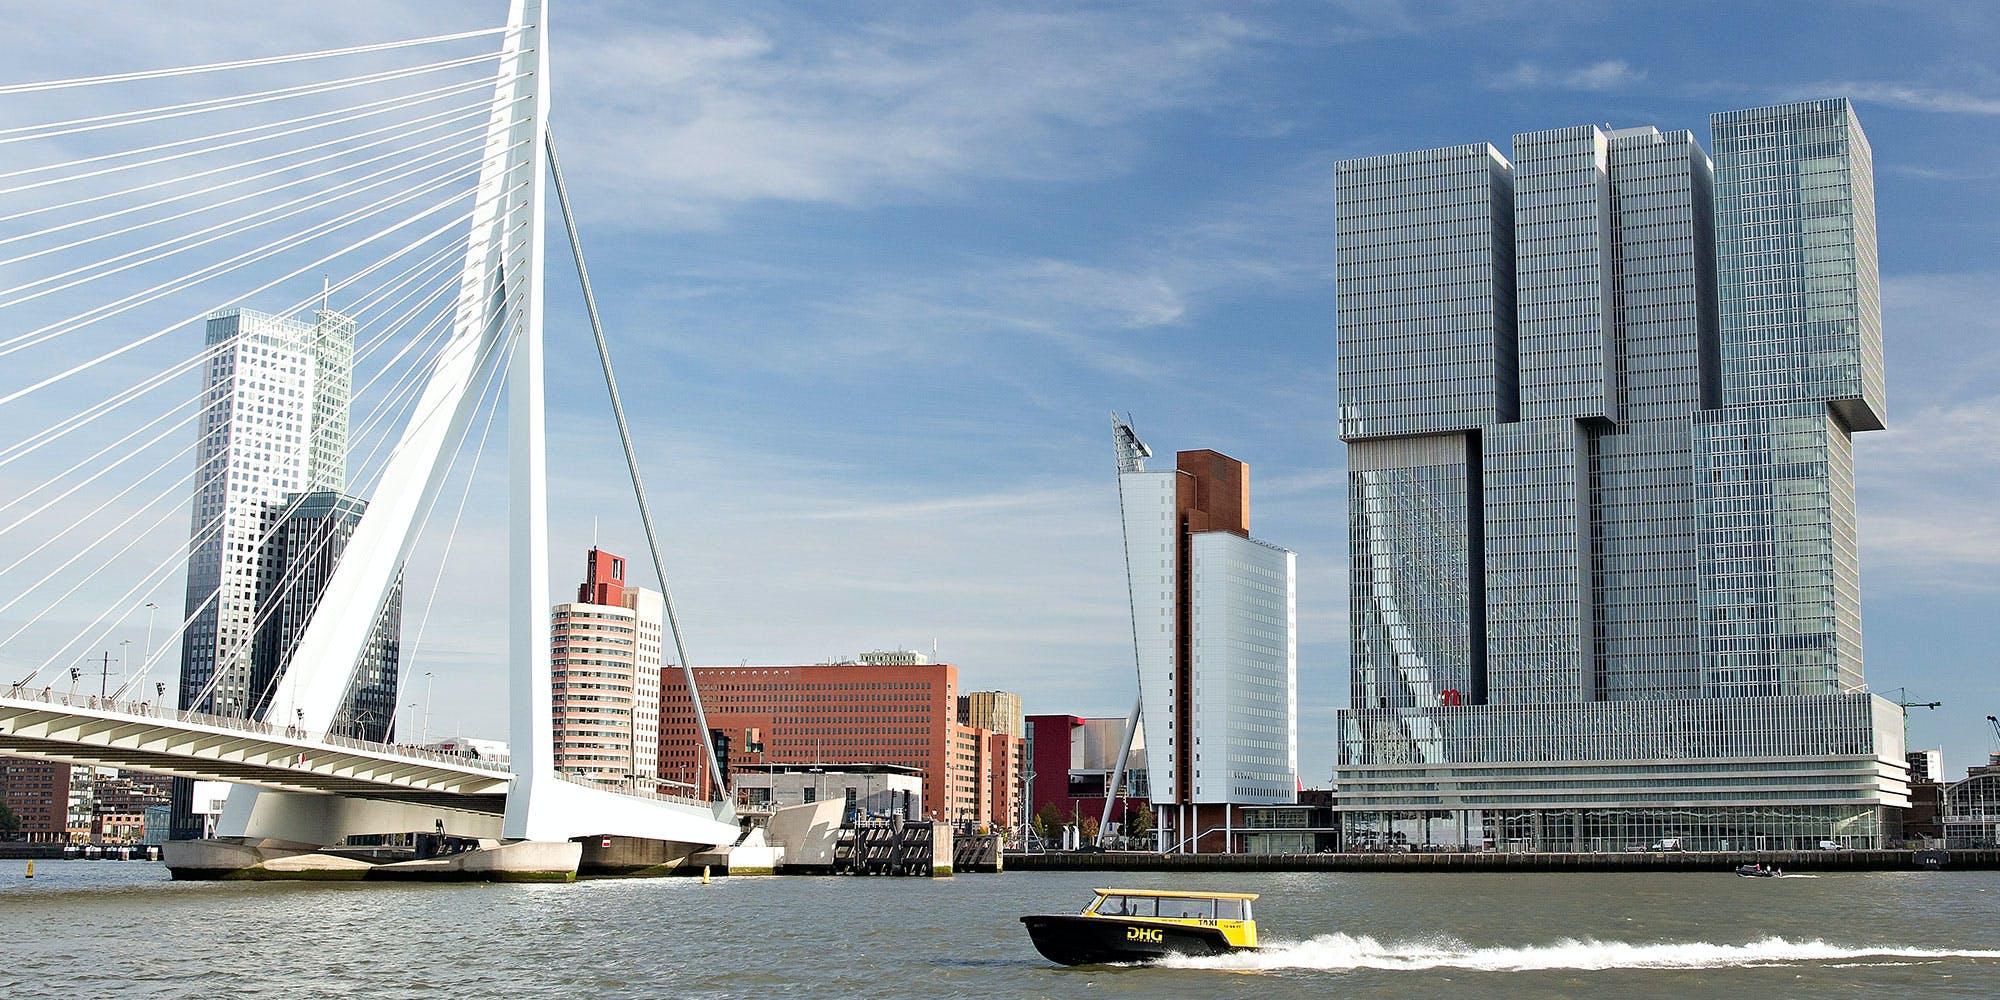 Architectuur in rotterdam rotterdam tourist information for Architecture rotterdam